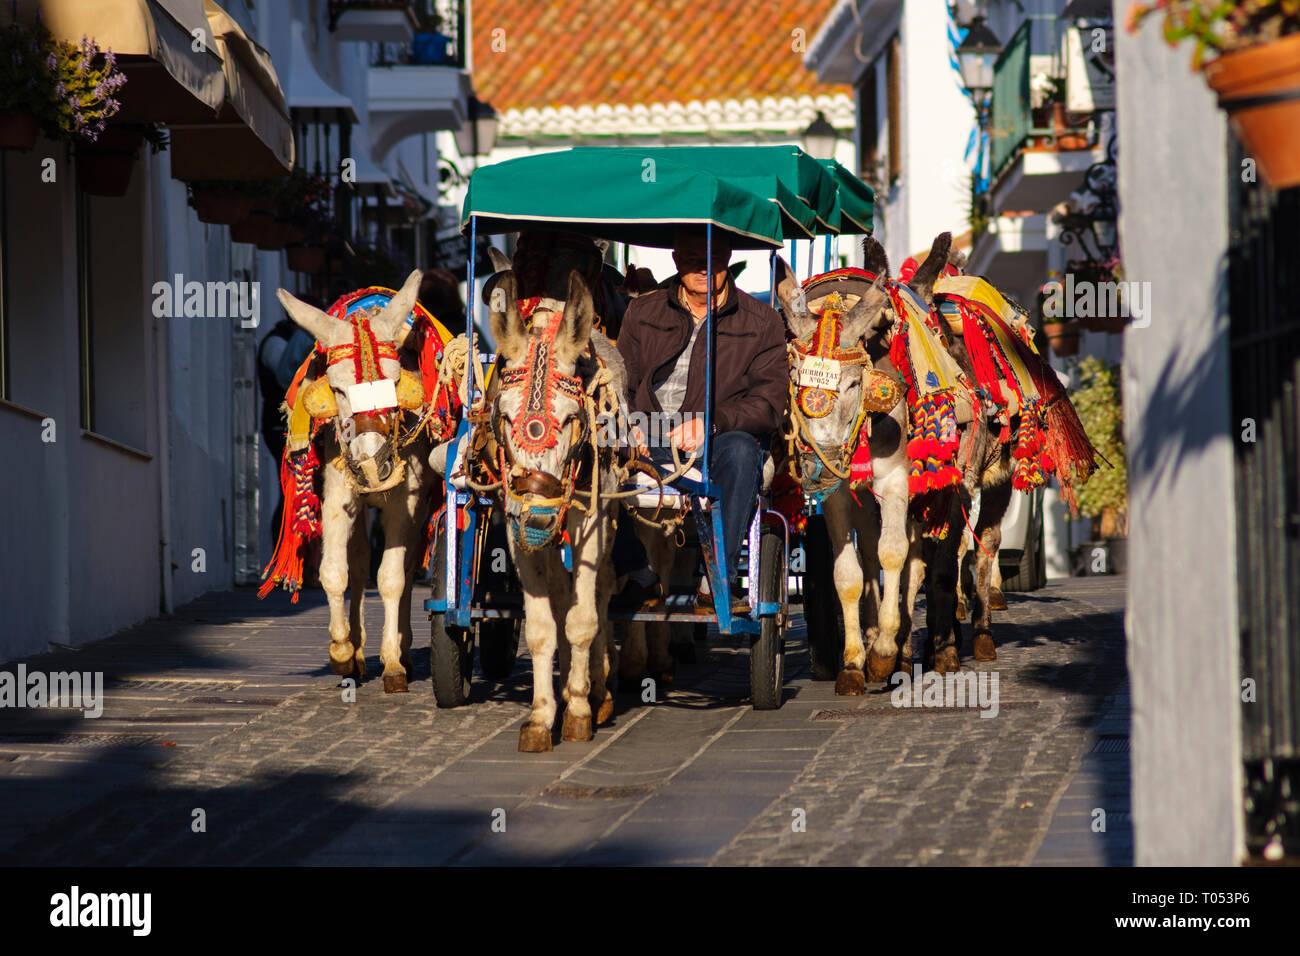 Âne célèbre taxi. Attraction pour les visiteurs, typique village blanc de Mijas. Costa del Sol, Malaga province. Andalousie, Espagne du sud Europe Photo Stock